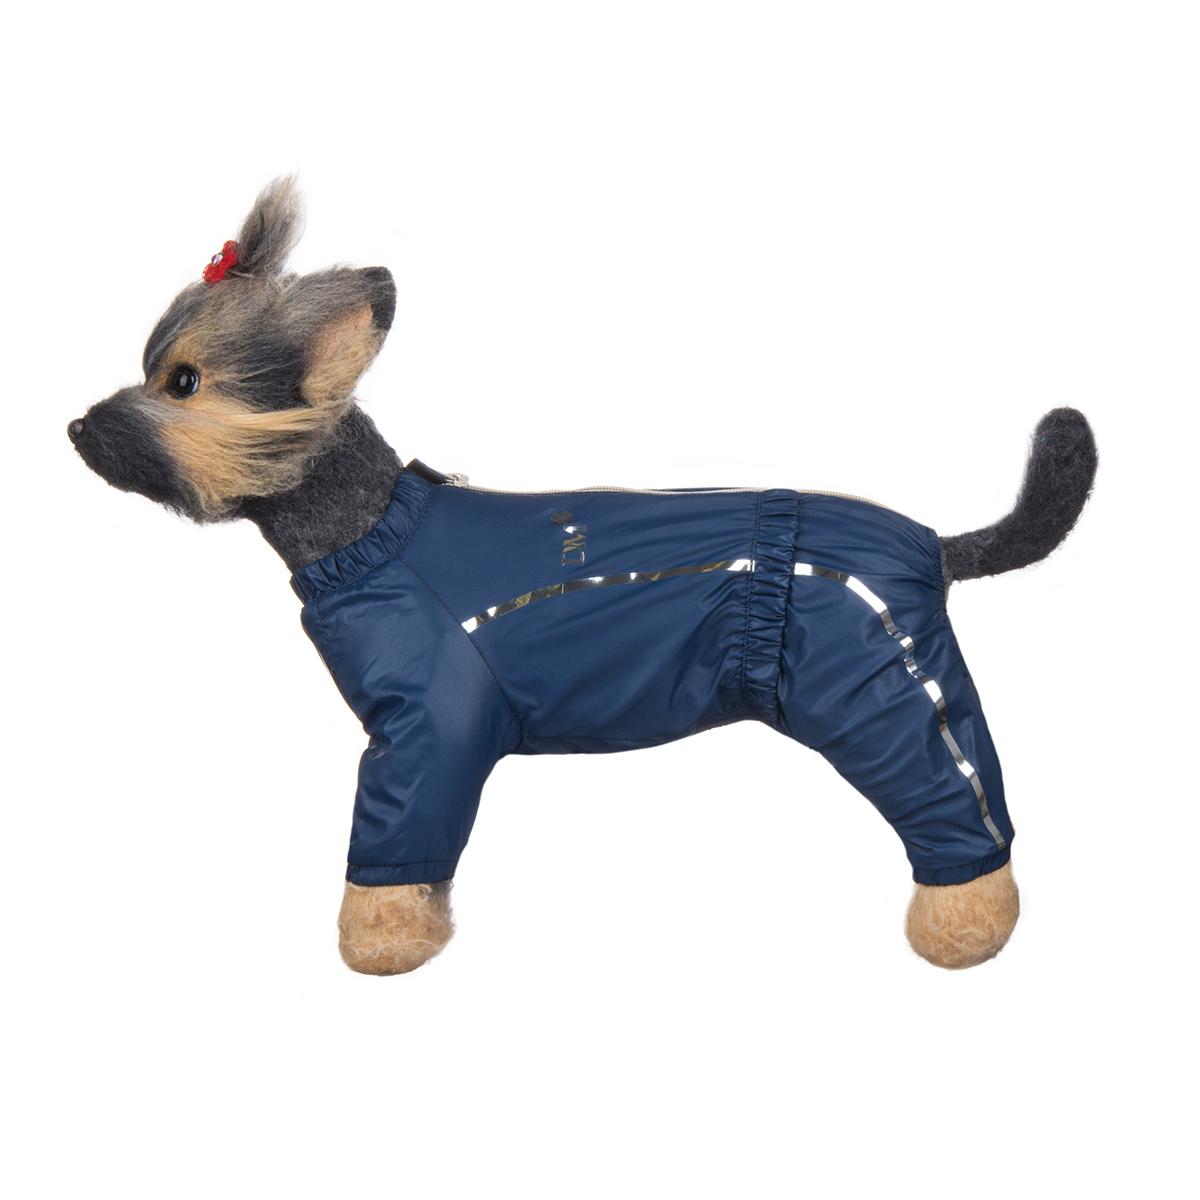 Комбинезон для собак Dogmoda Альпы, для мальчика, цвет: темно-синий. Размер 3 (L)DM-150328-3Комбинезон для собак Dogmoda Альпы отлично подойдет для прогулок поздней осенью или ранней весной. Комбинезон изготовлен из полиэстера, защищающего от ветра и осадков, с подкладкой из флиса, которая сохранит тепло и обеспечит отличный воздухообмен. Комбинезон застегивается на молнию и липучку, благодаря чему его легко надевать и снимать. Ворот, низ рукавов и брючин оснащены внутренними резинками, которые мягко обхватывают шею и лапки, не позволяя просачиваться холодному воздуху. На пояснице имеется внутренняя резинка. Изделие декорировано серебристыми полосками и надписью DM. Благодаря такому комбинезону простуда не грозит вашему питомцу и он не даст любимцу продрогнуть на прогулке.